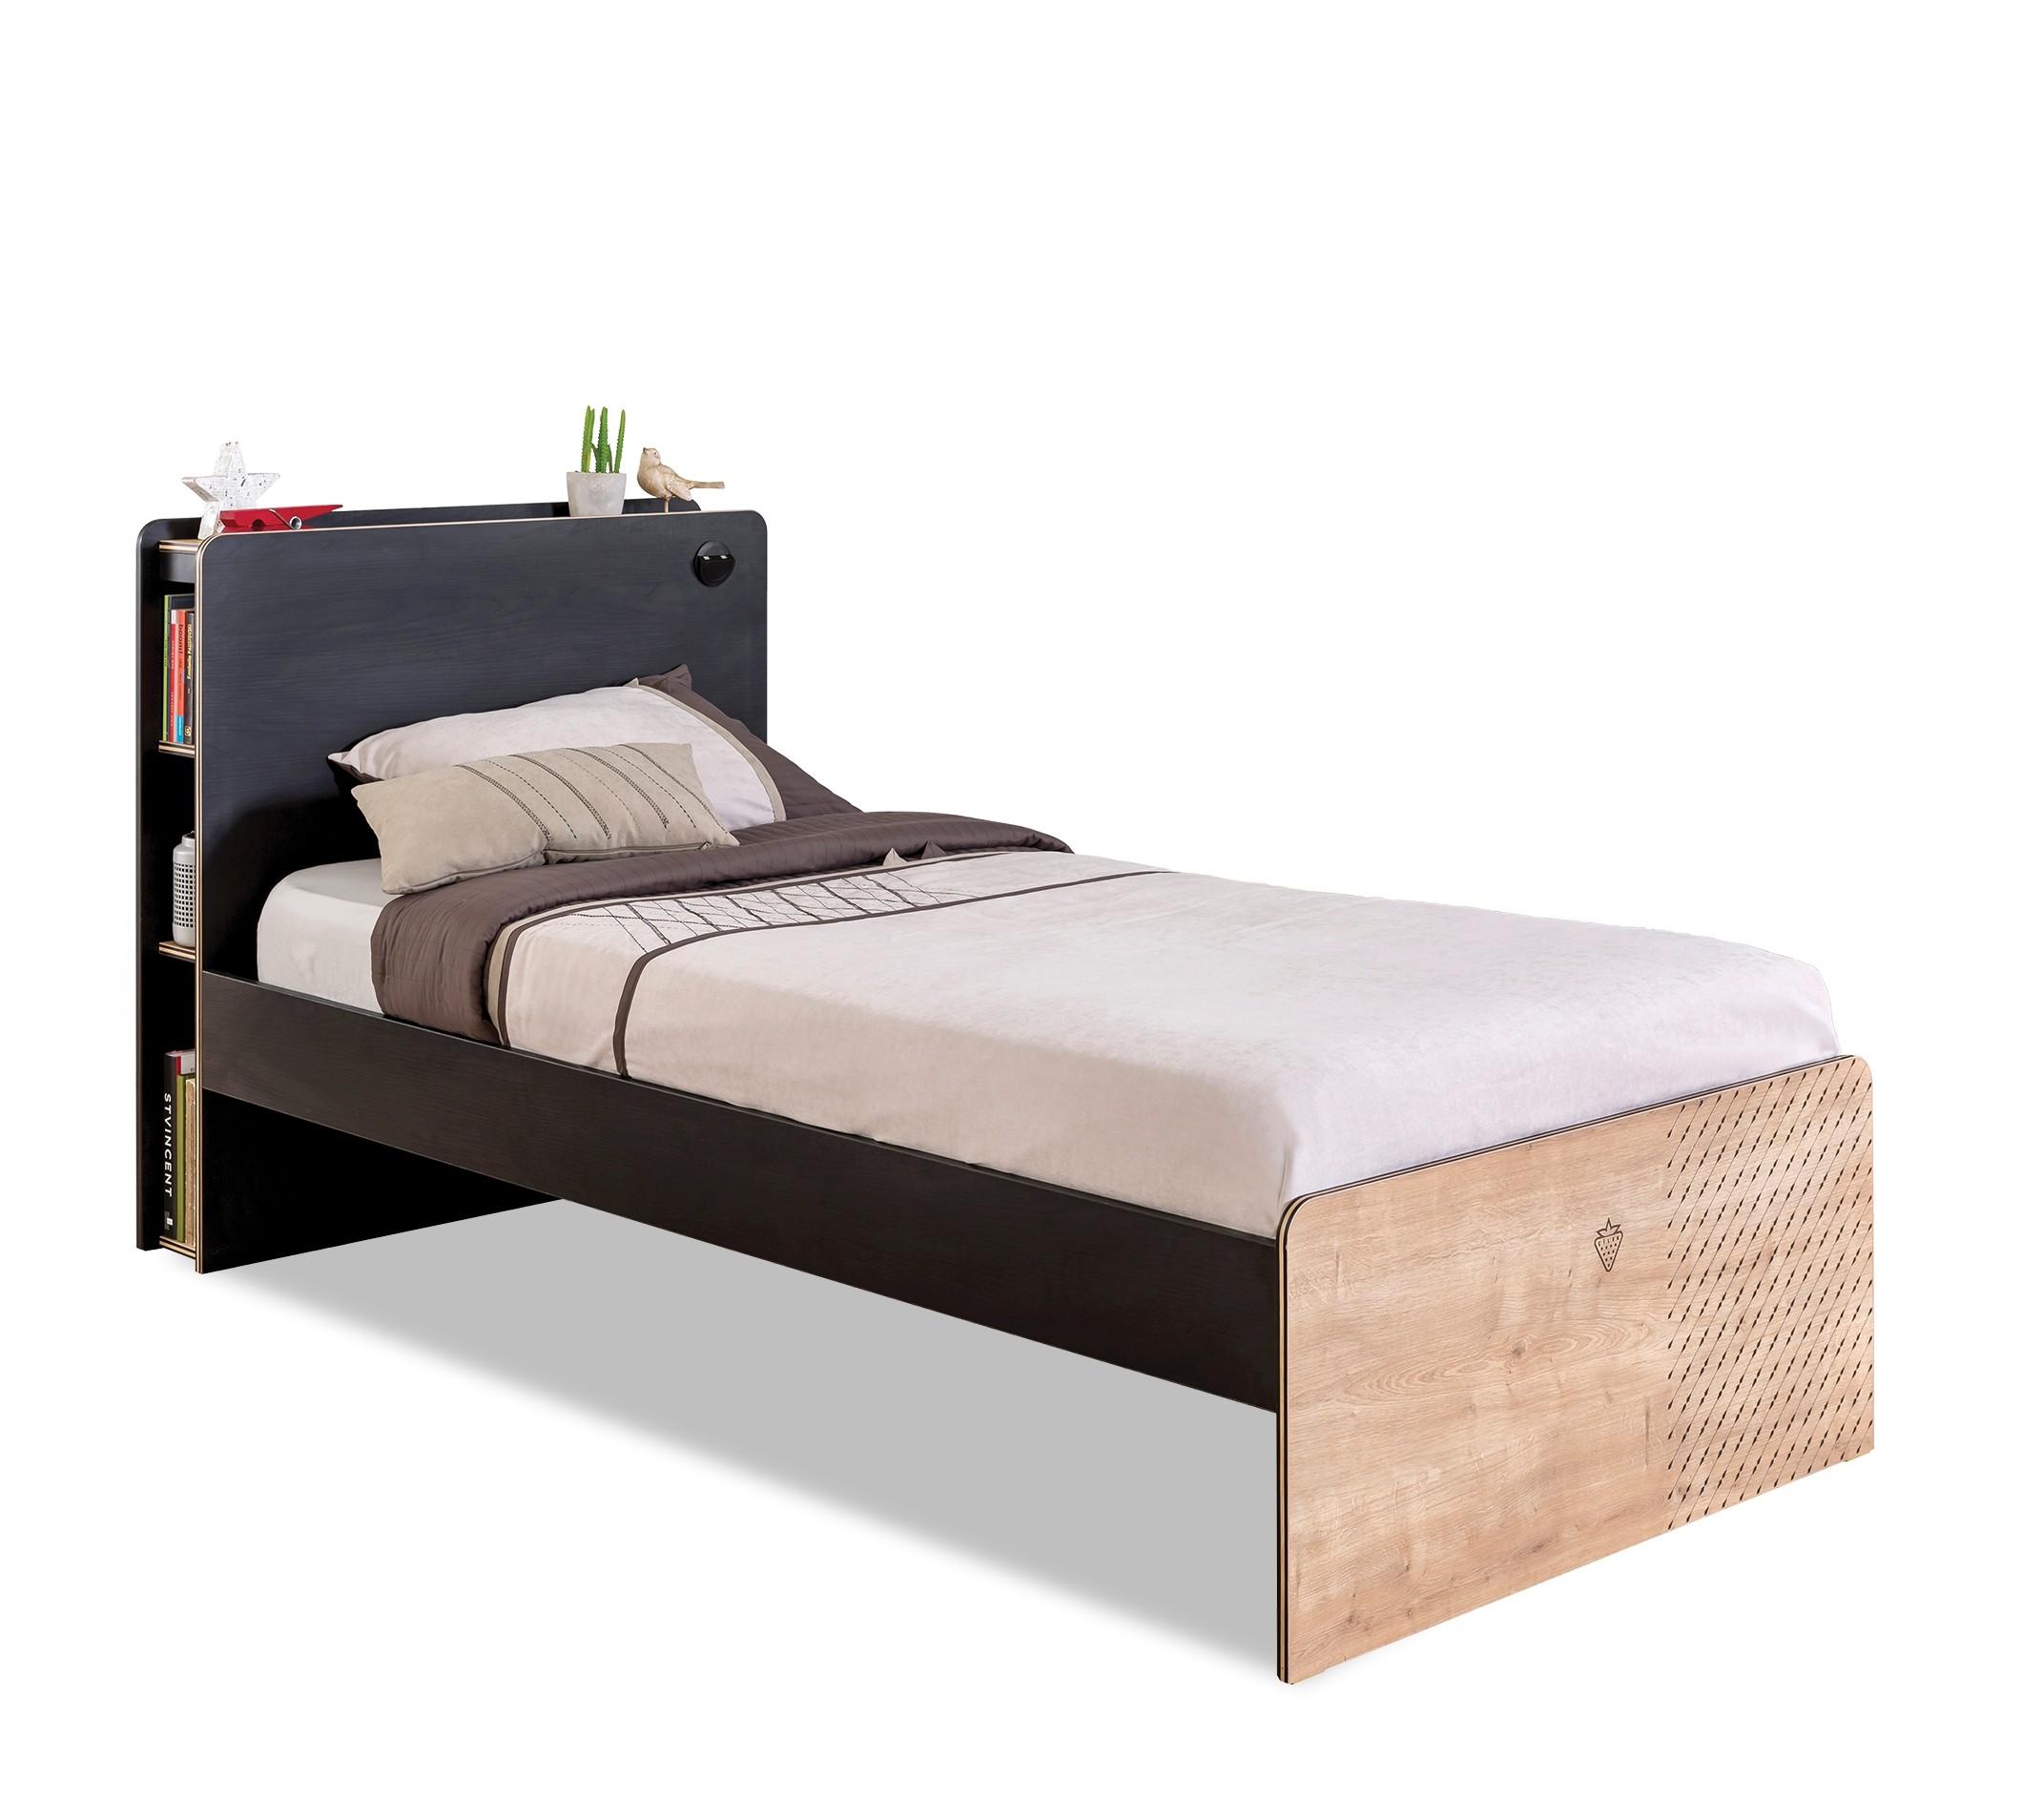 Tienerkamer Basic Wood.New York Tienerbed Tienerkamer 200 X 100 Cm Specialist In